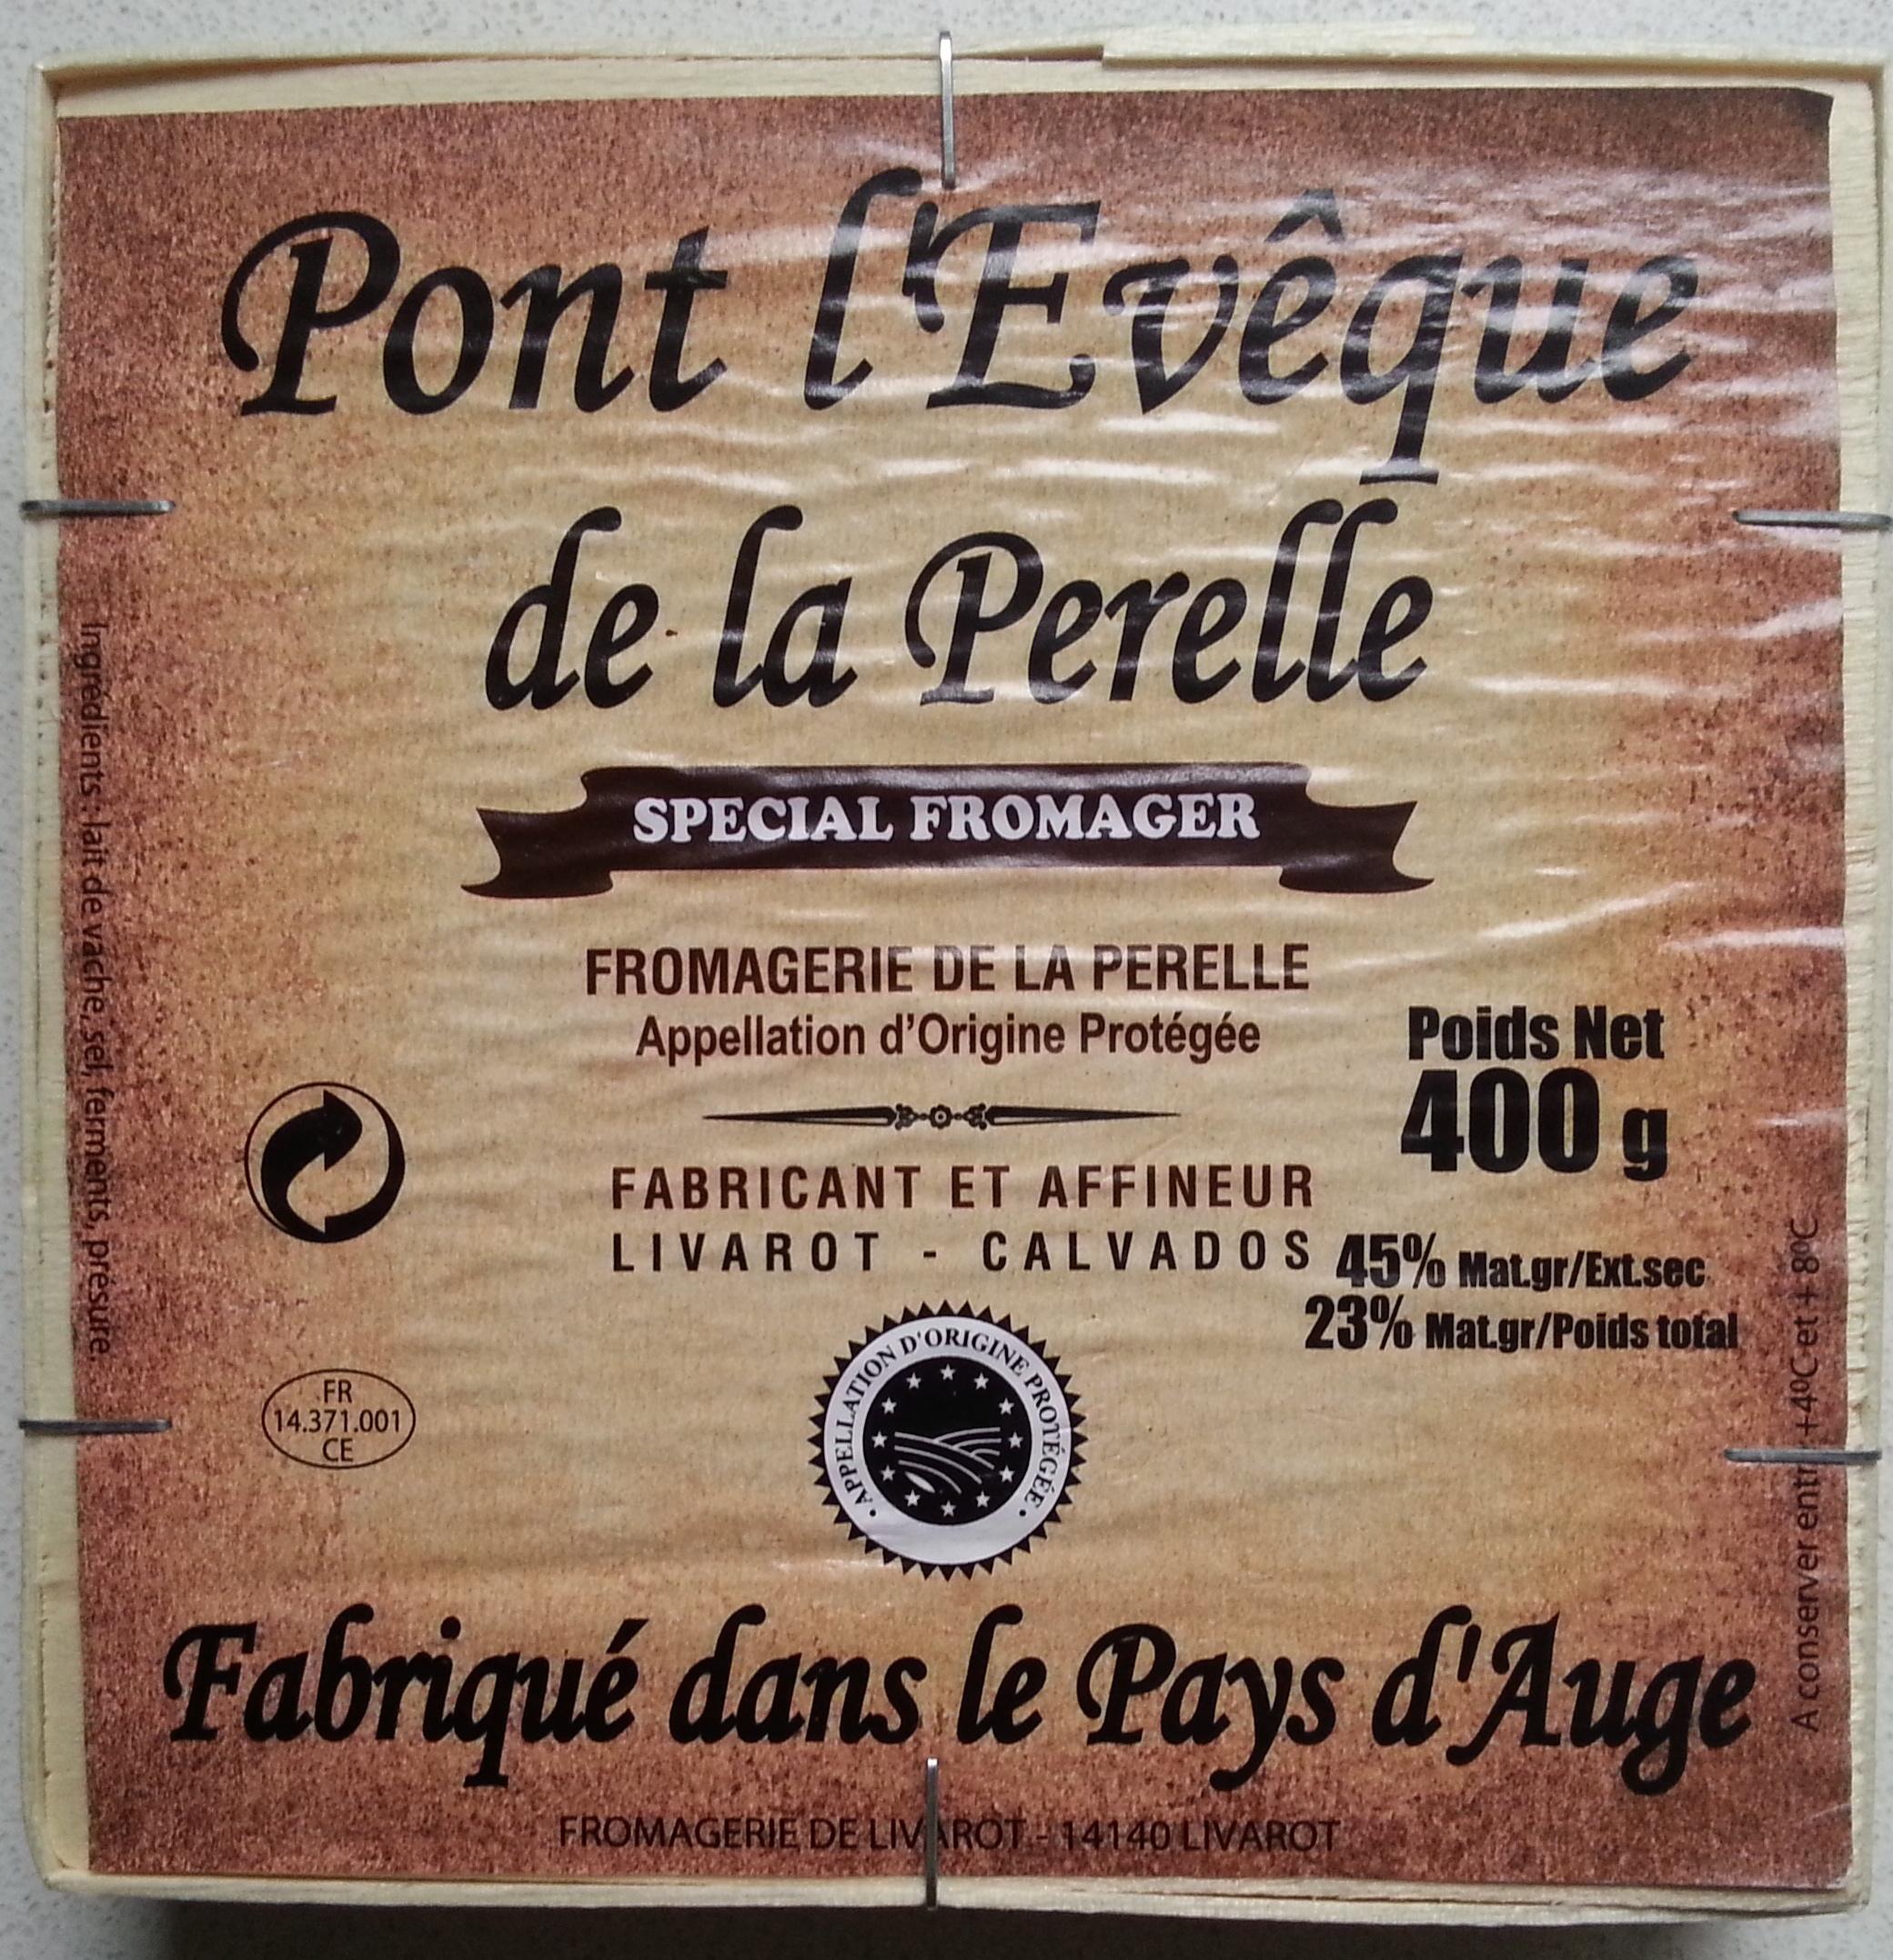 Pont l'Évêque de la Perelle spécial fromager (23% MG) - Produit - fr